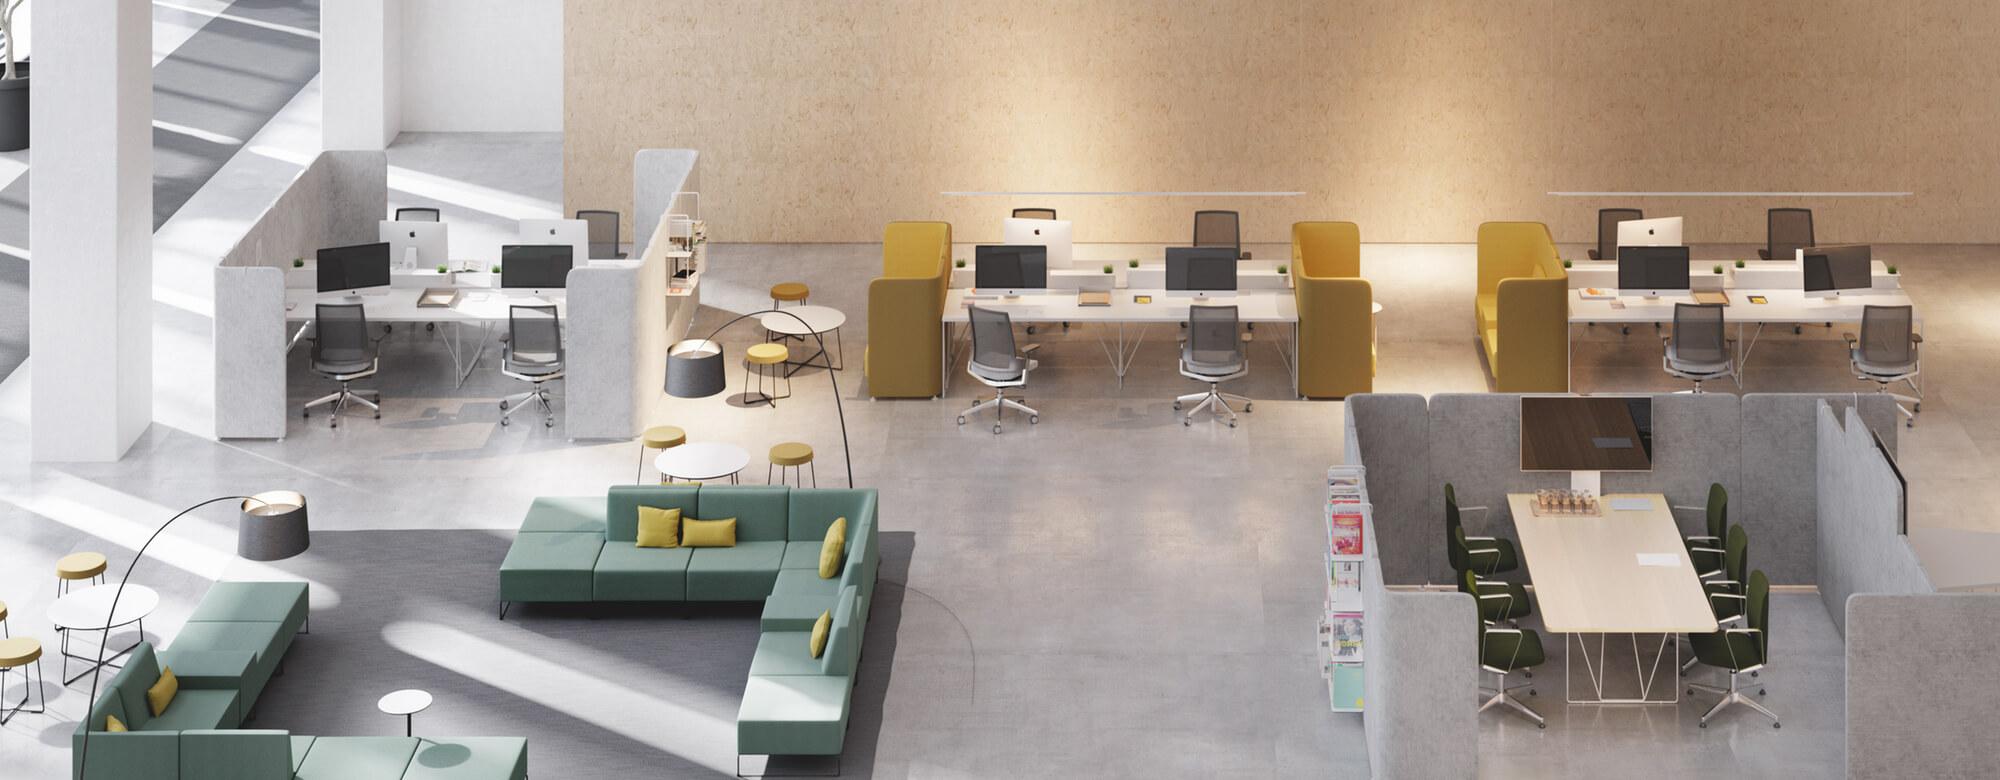 Muebles de oficina mesas de oficina y mobiliario de for Muebles modernos para oficinas pequenas